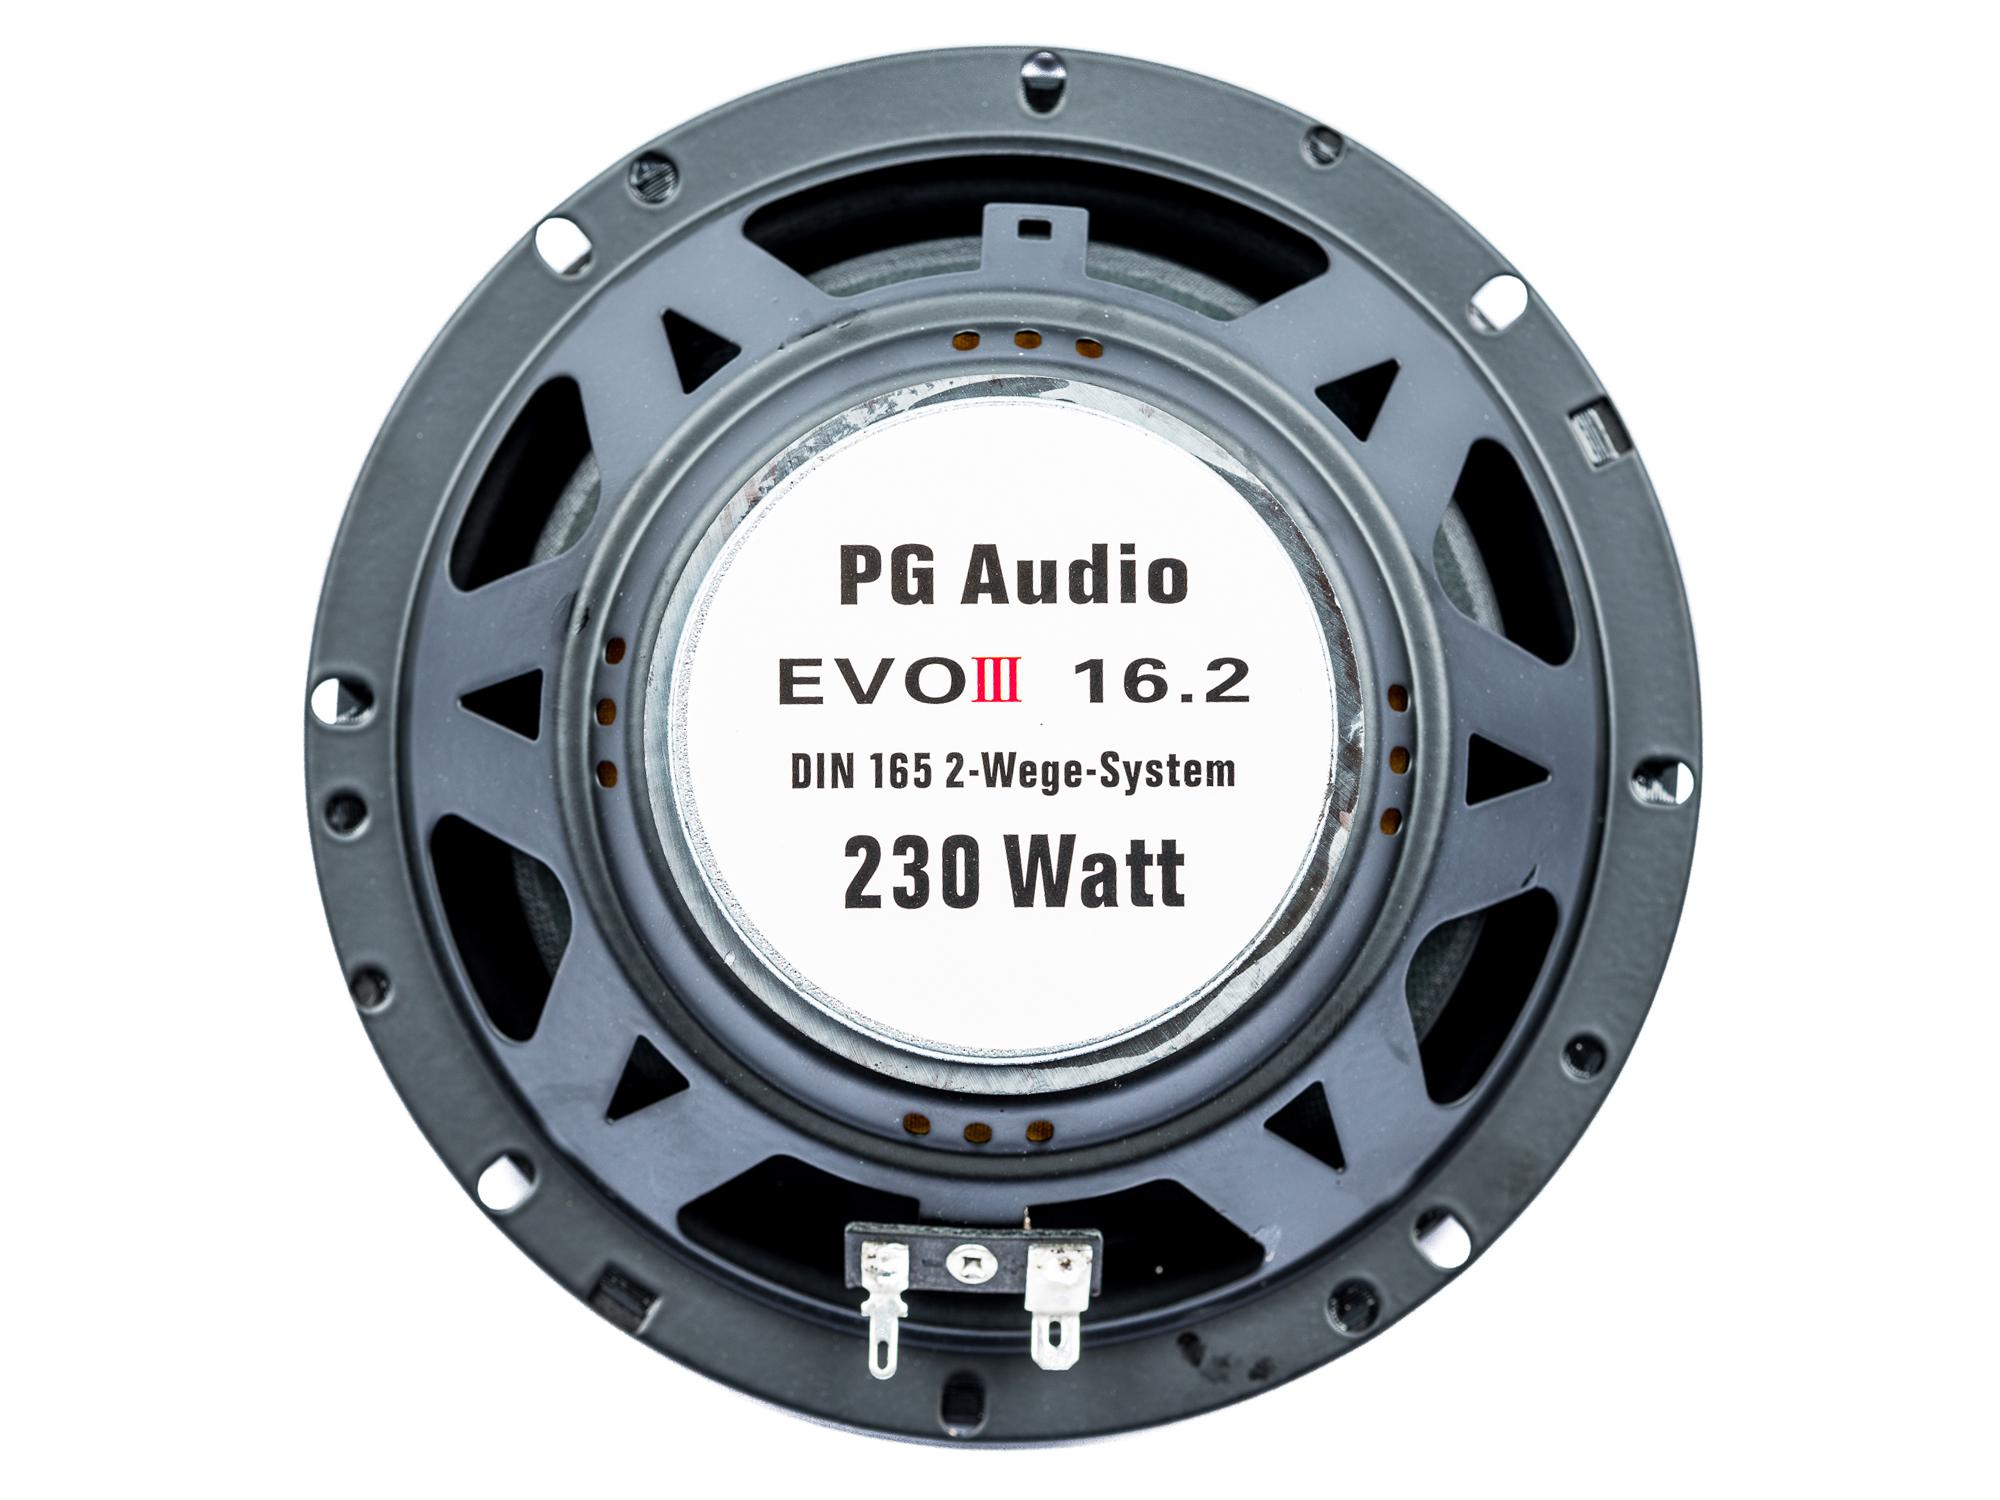 VW Golf 4 und Golf 6 Lautsprecher Einbauset Tür vorne Neuware – Bild 3